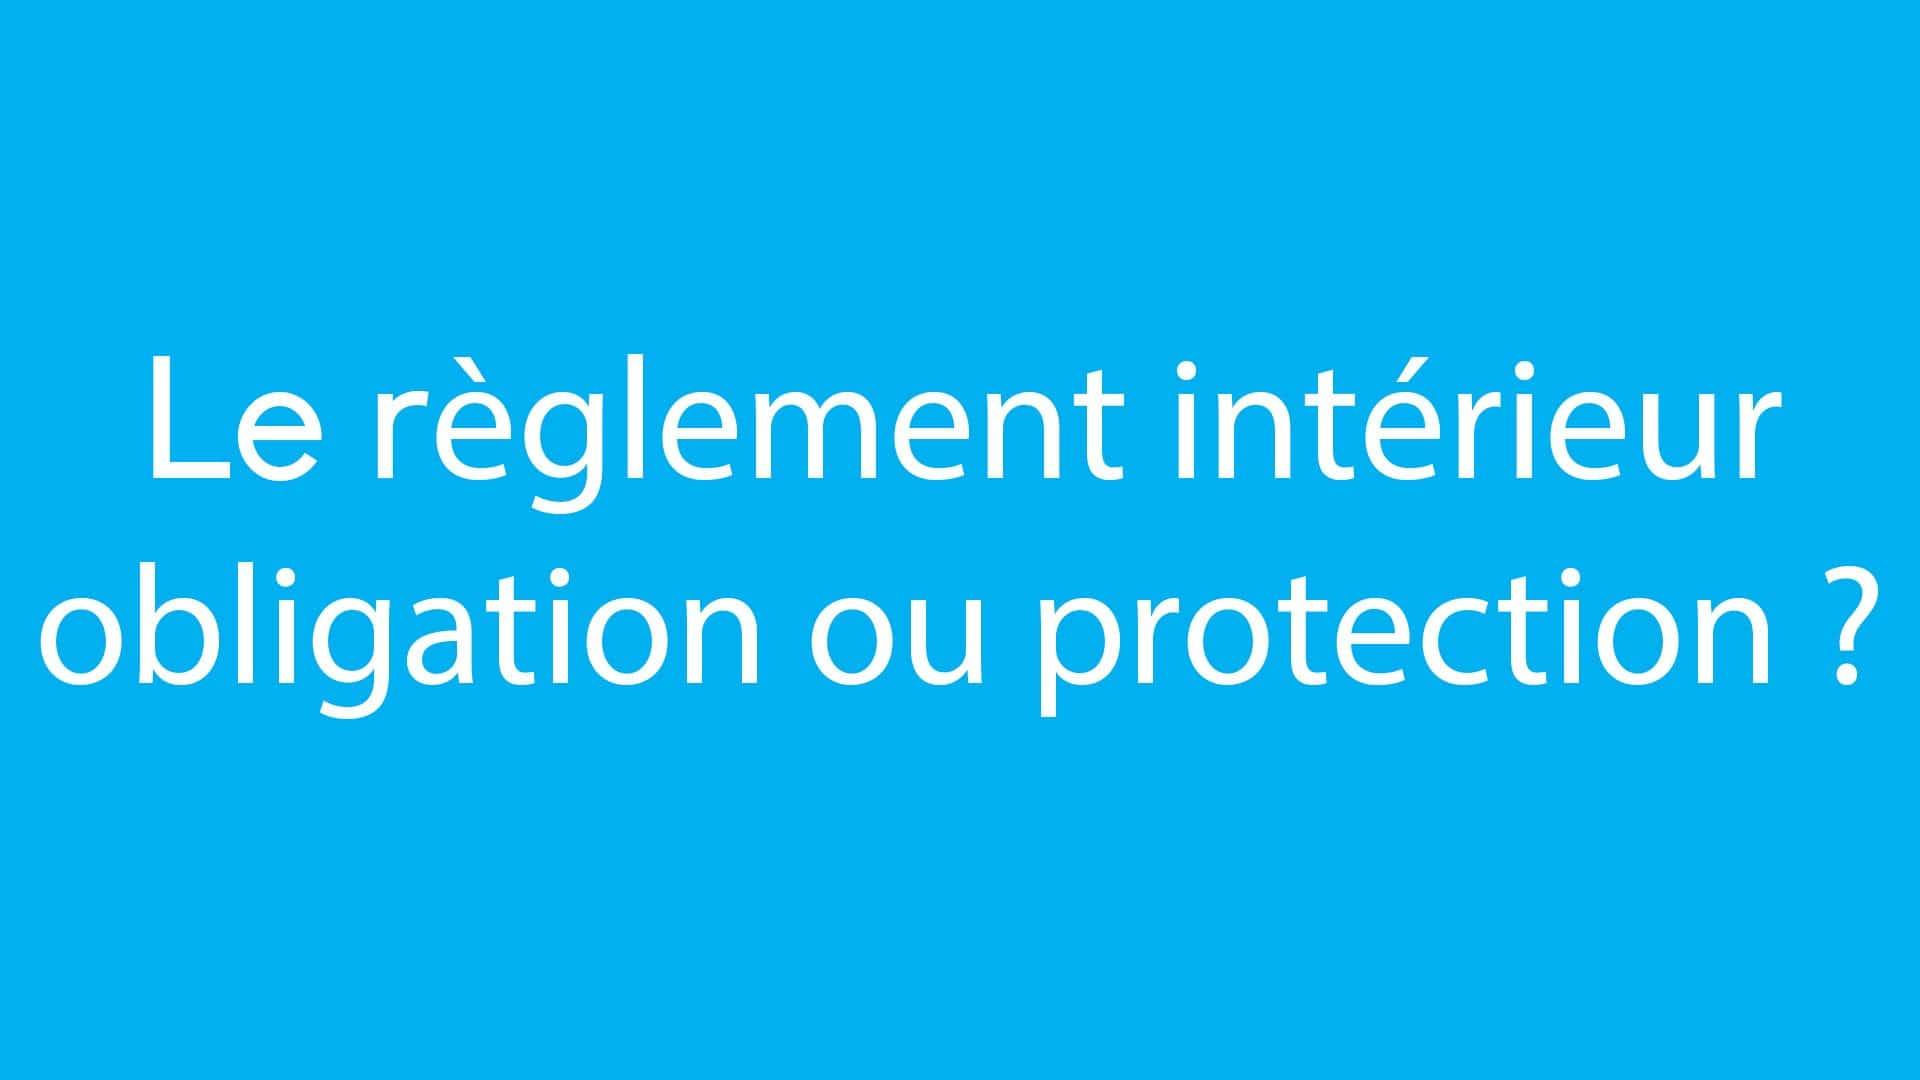 Le r glement int rieur obligation ou protection easy for Le reglement interieur